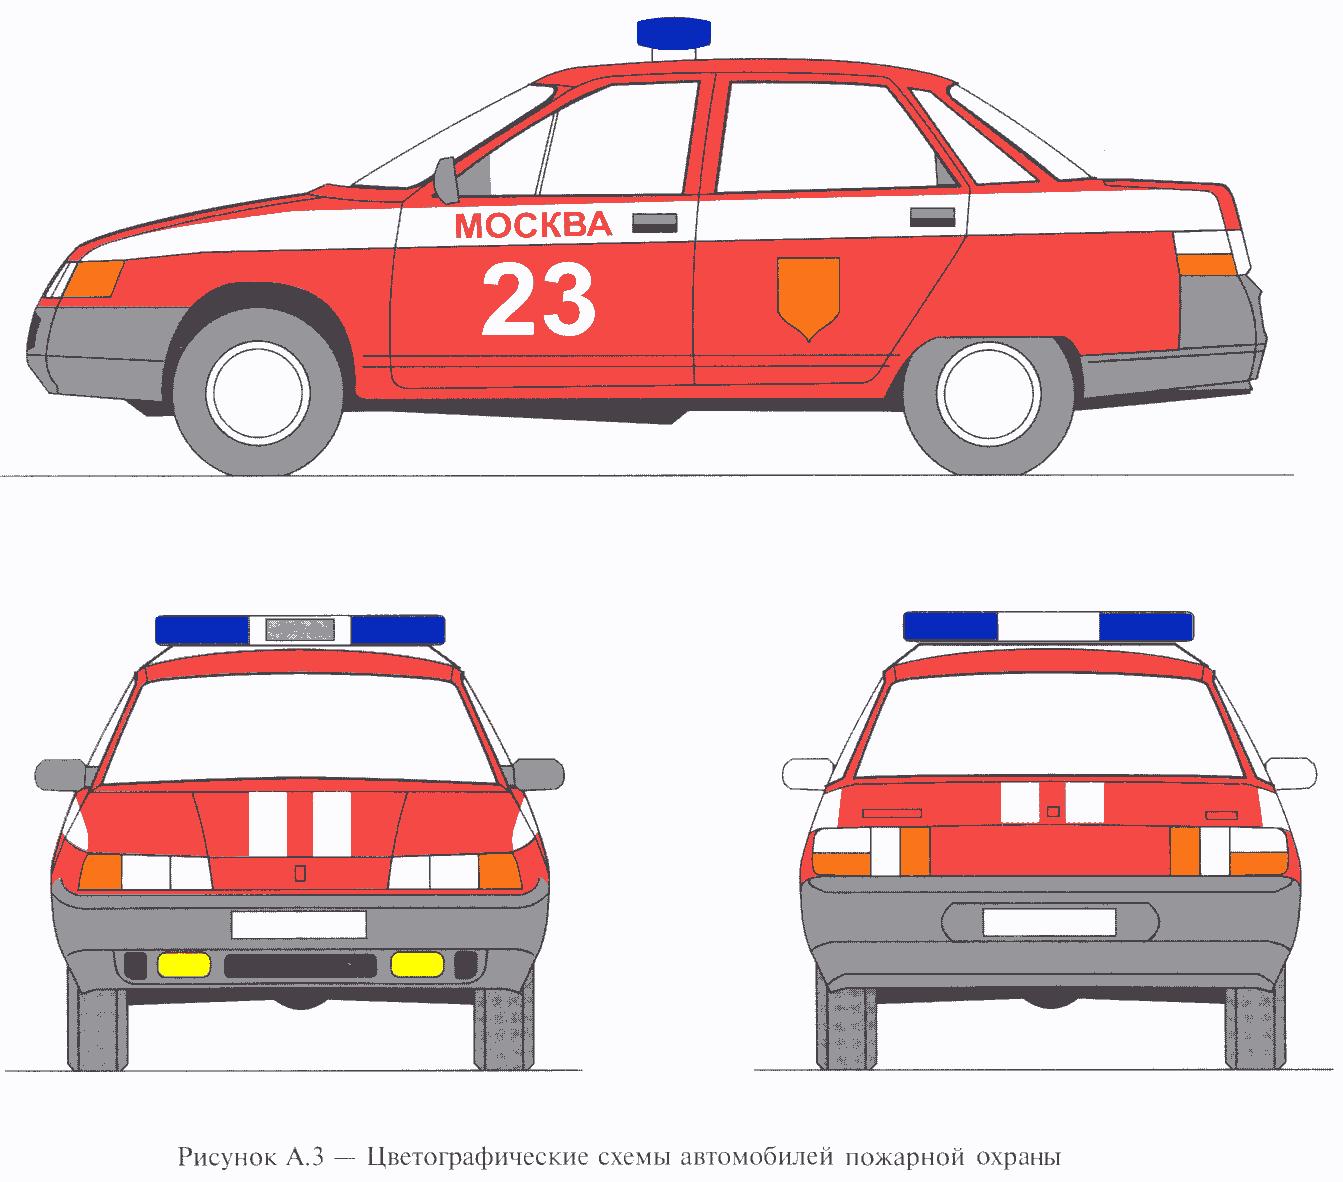 РИС. А.3 ПРИЛОЖЕНИЯ А К ГОСТ Р 50574-2002